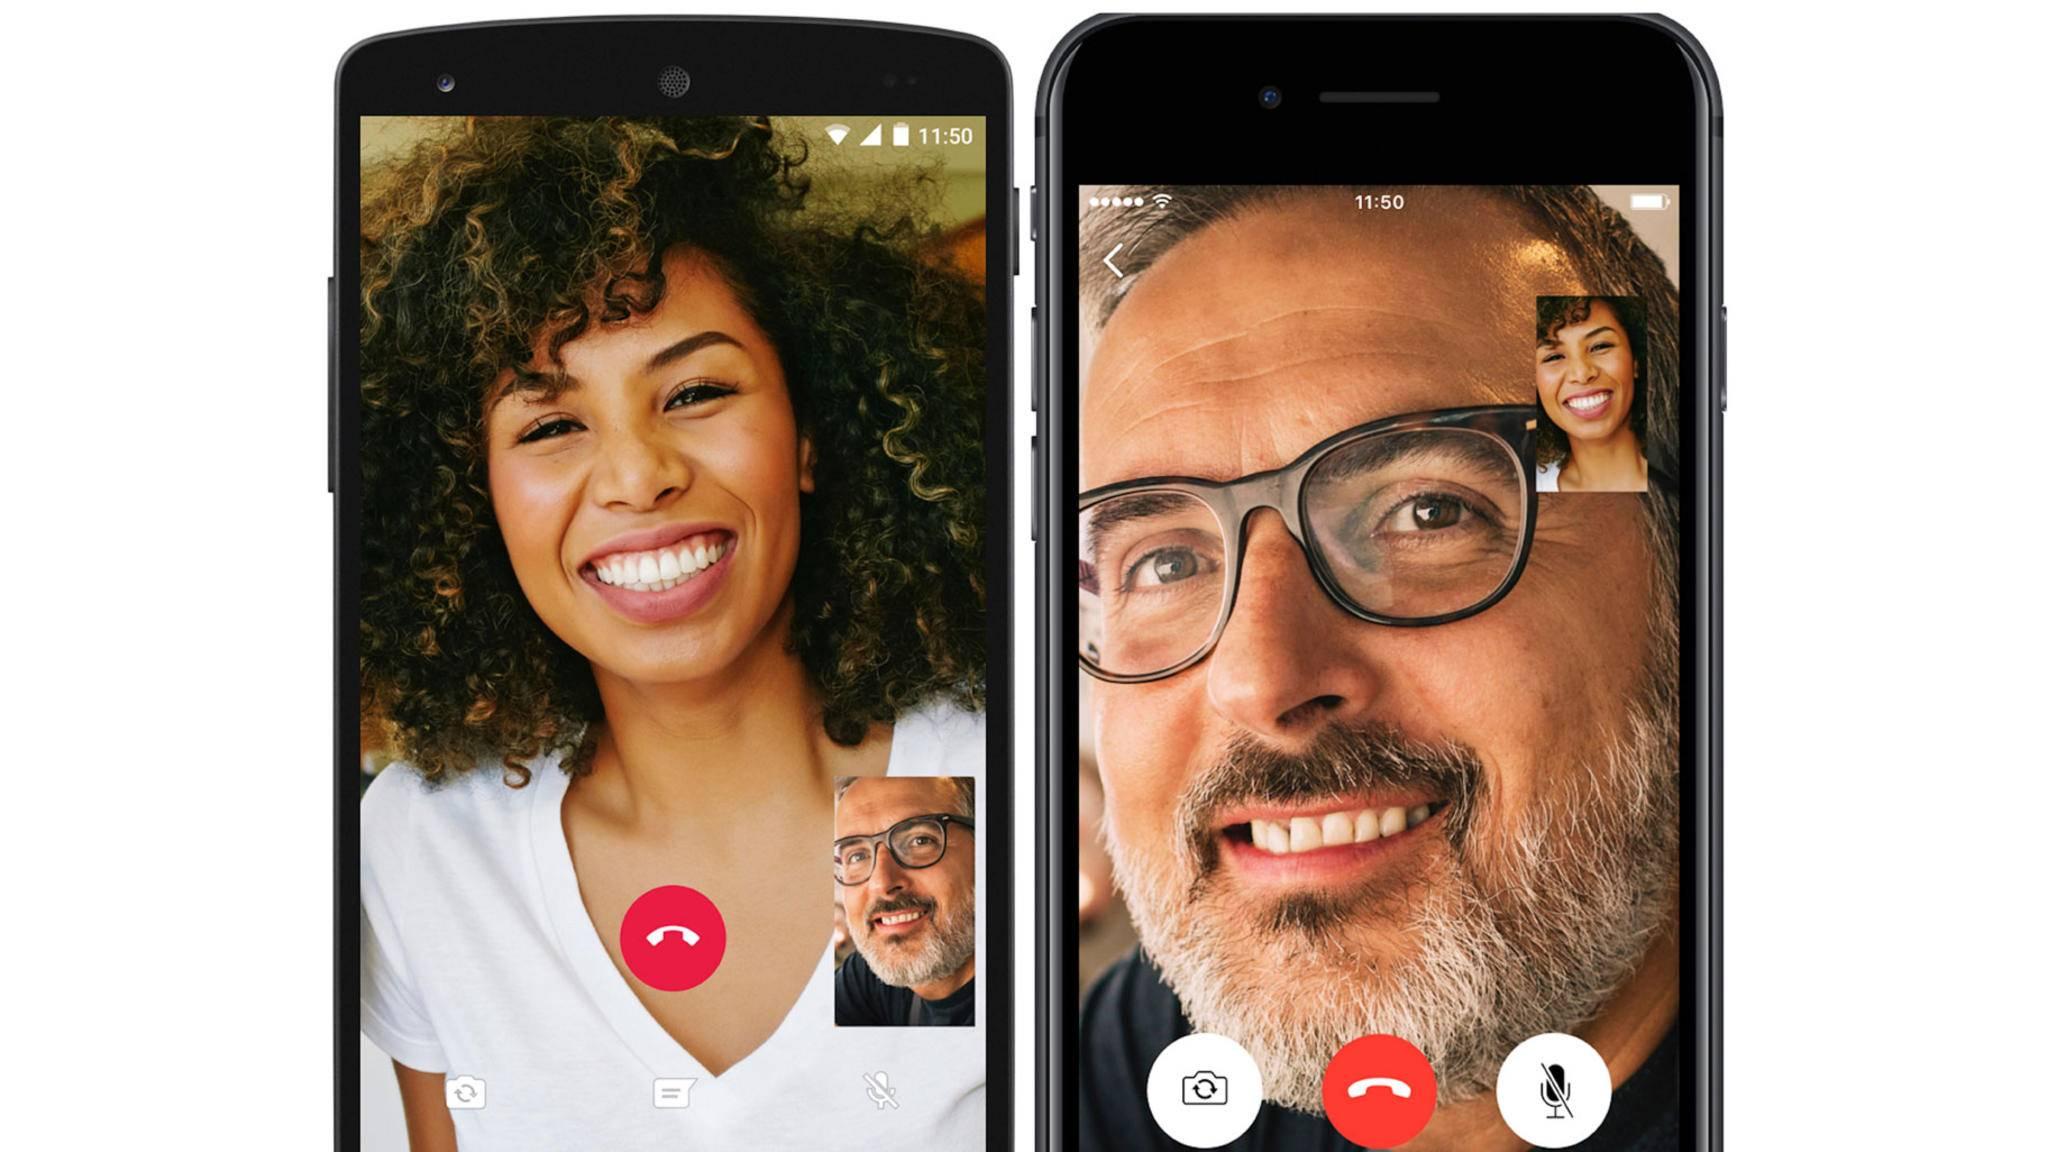 Videotelefonie per WhatsApp ist dank des jüngsten Updates möglich.